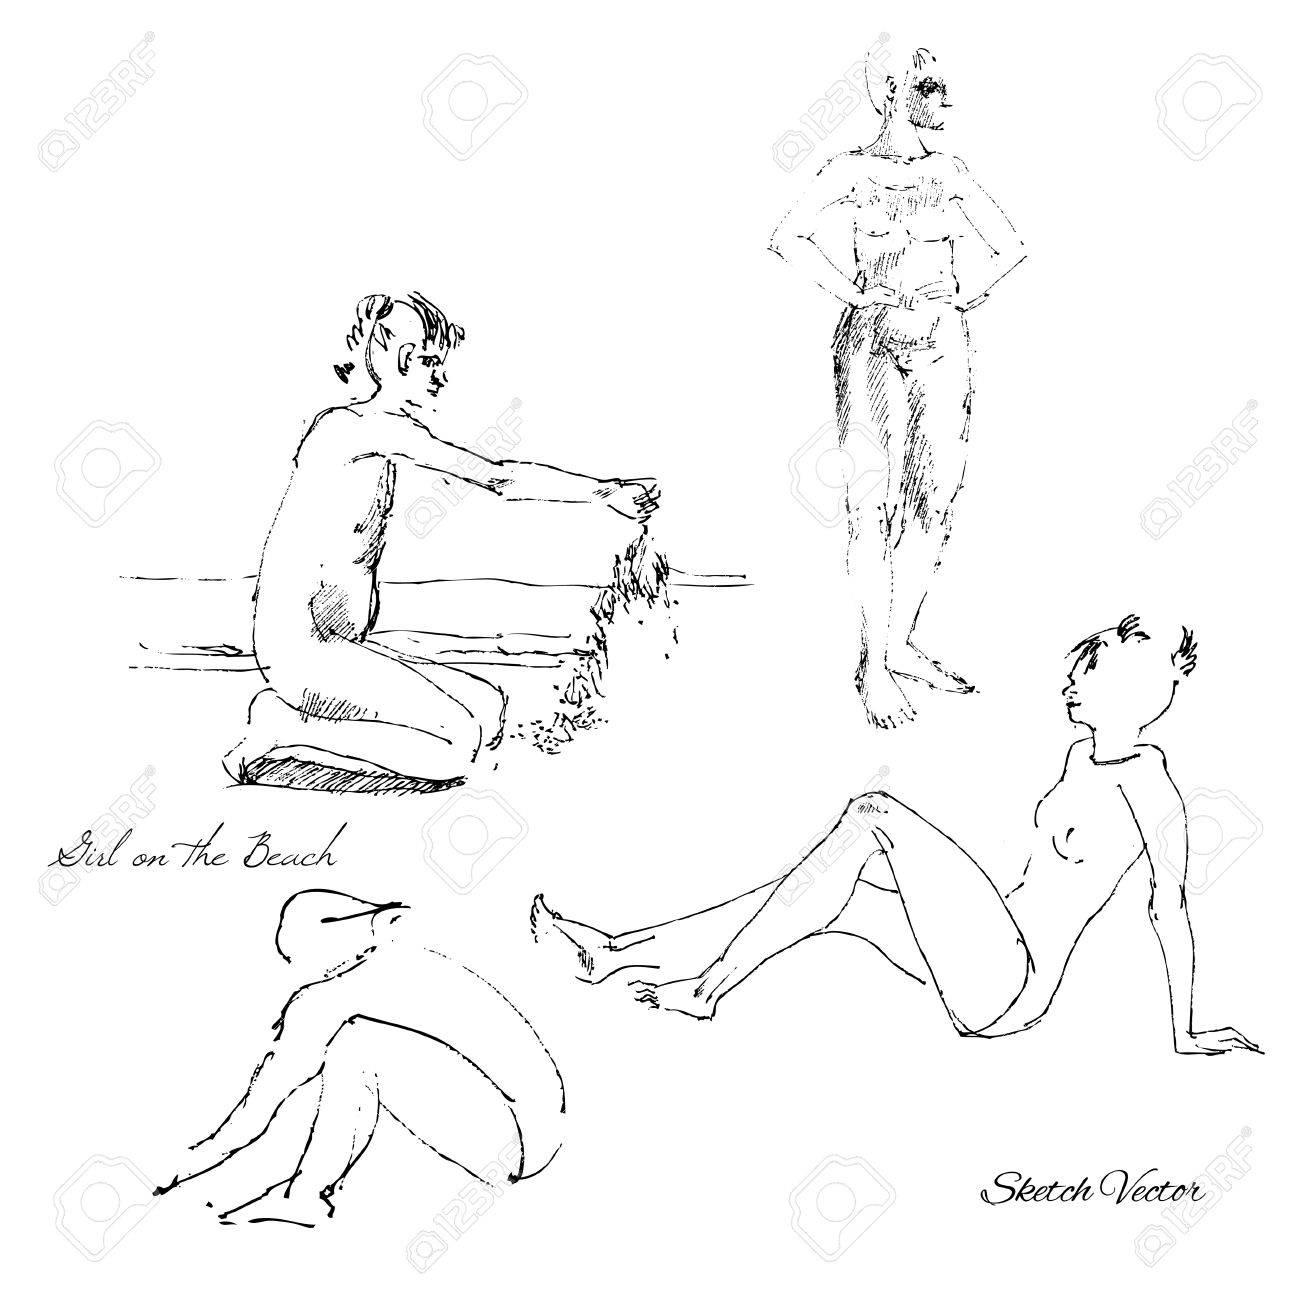 Die Leute Auf Der BeachSketch Zeichnung Vektor Illustration Lizenzfreie Bilder